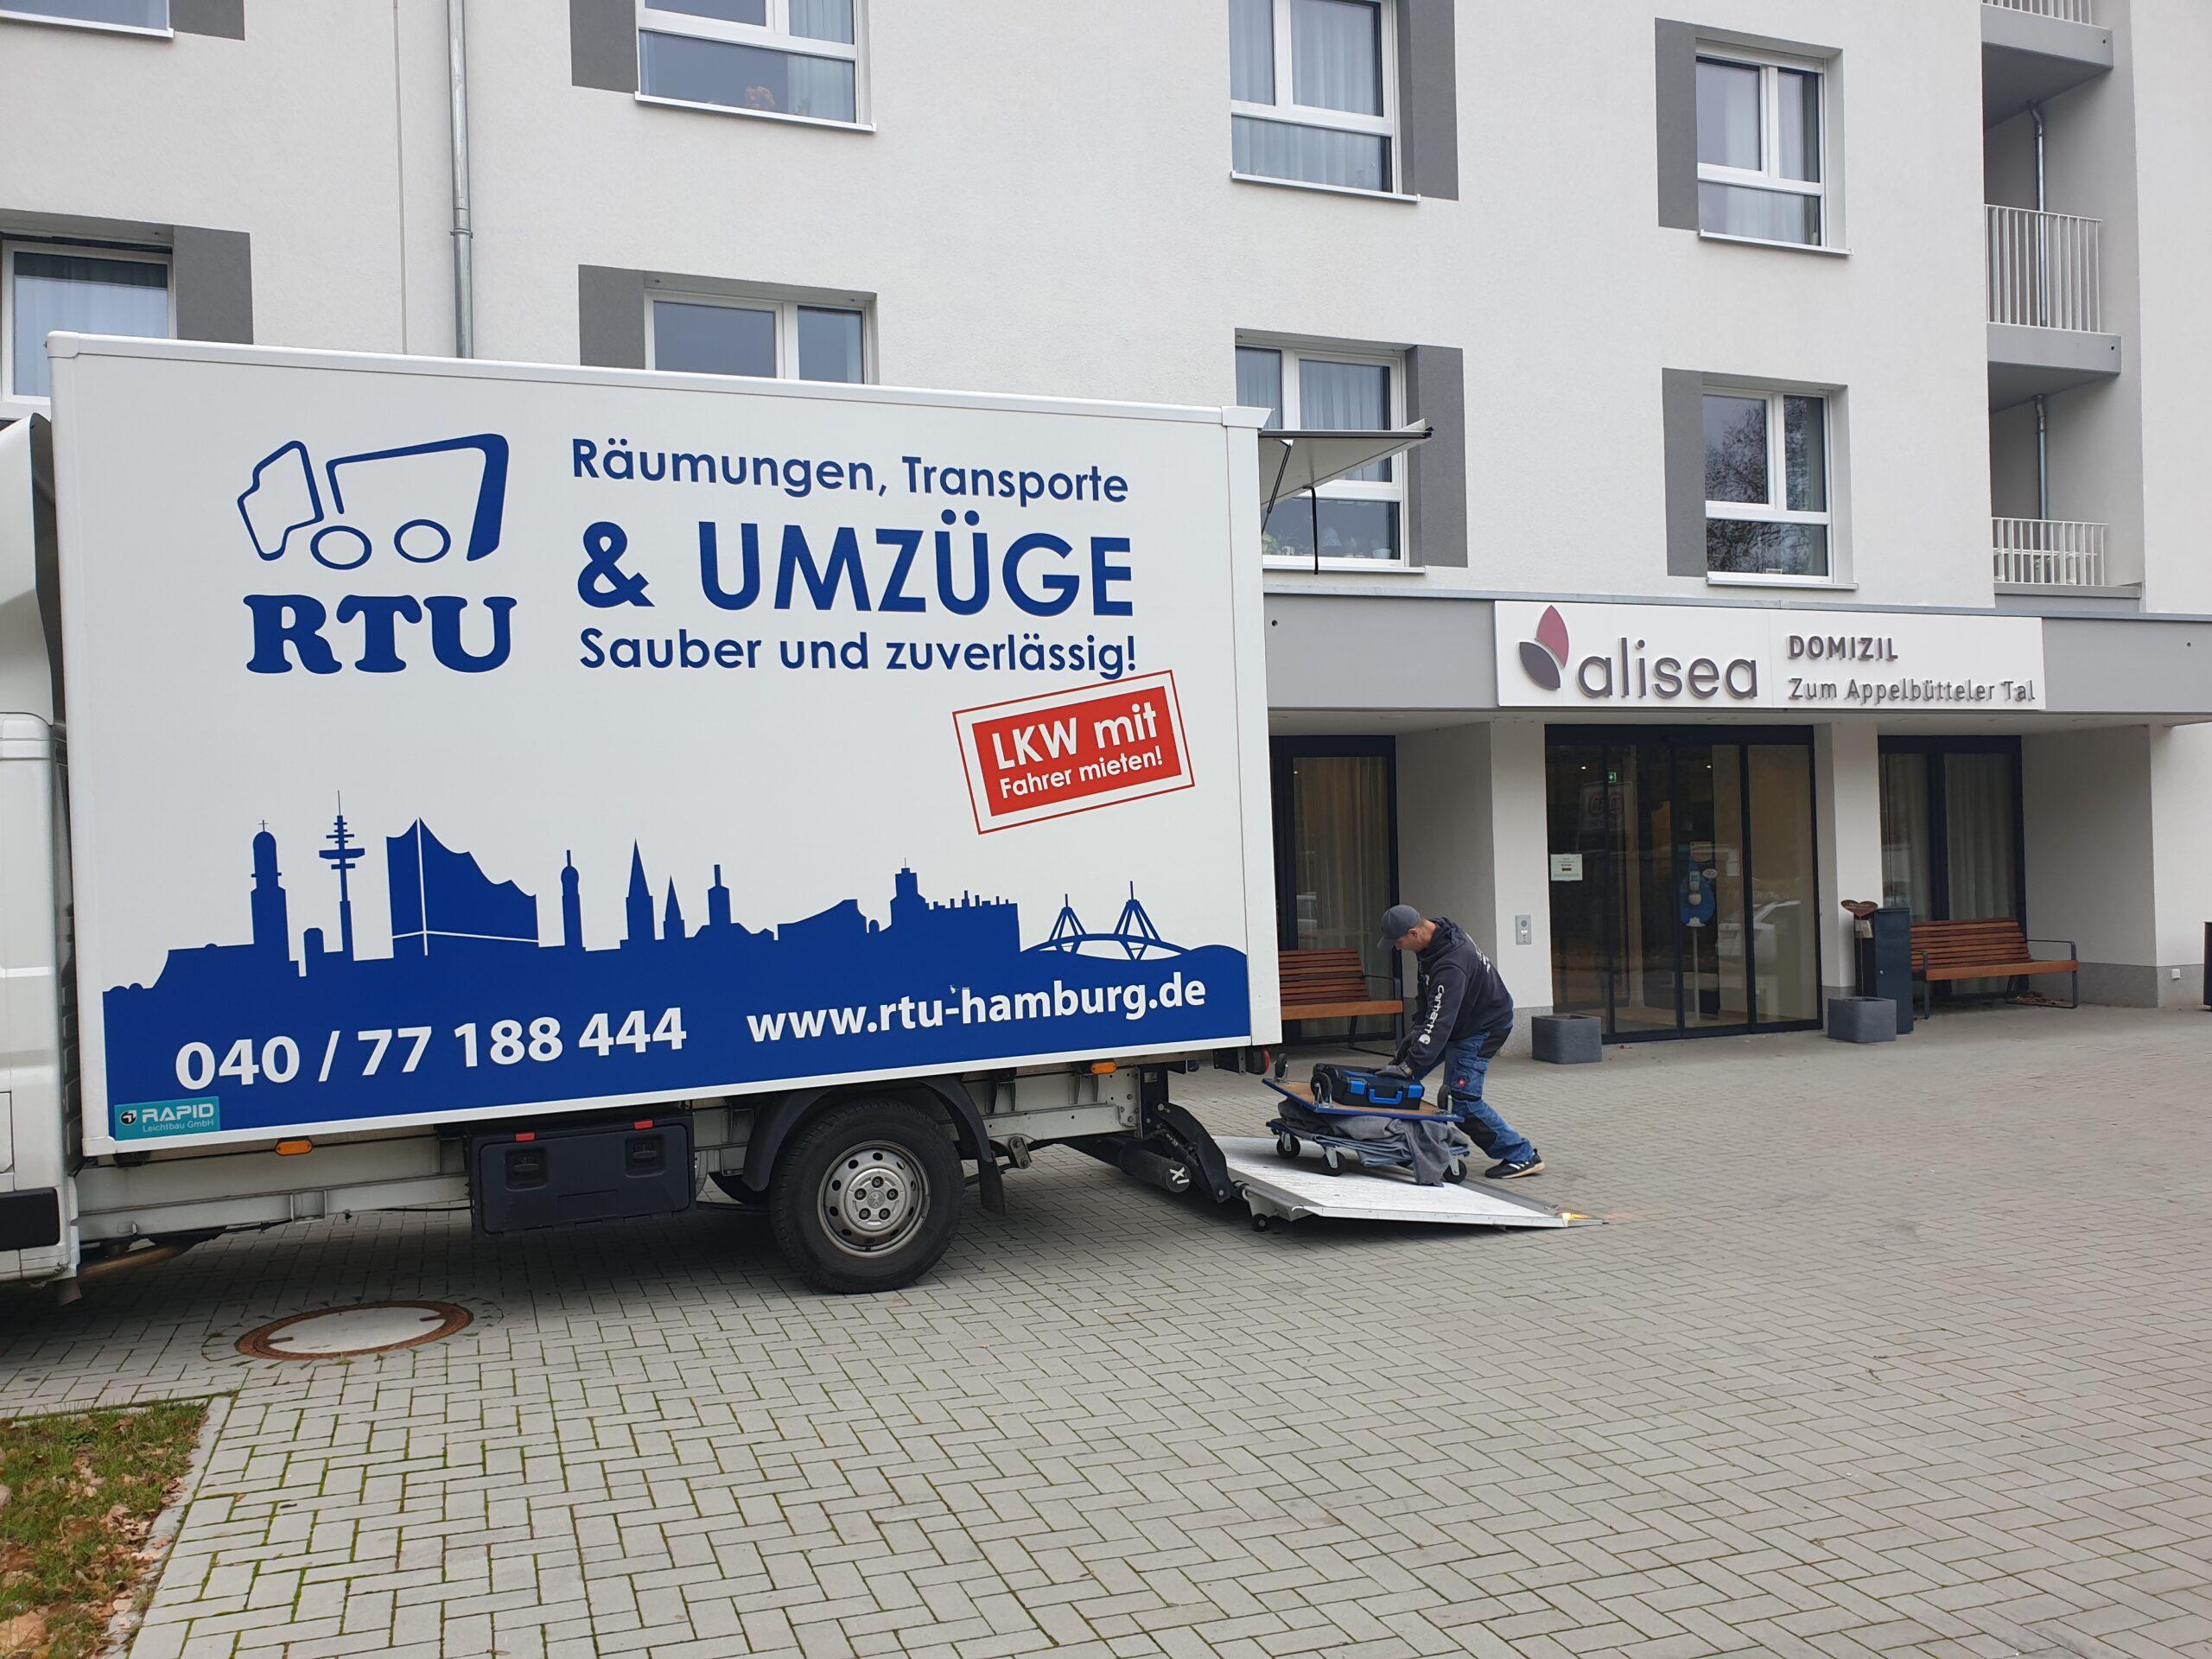 https://www.rtu-hamburg.de/wp-content/uploads/2020/10/Ihr-Umzugsservice-von-RTU-scaled.jpg